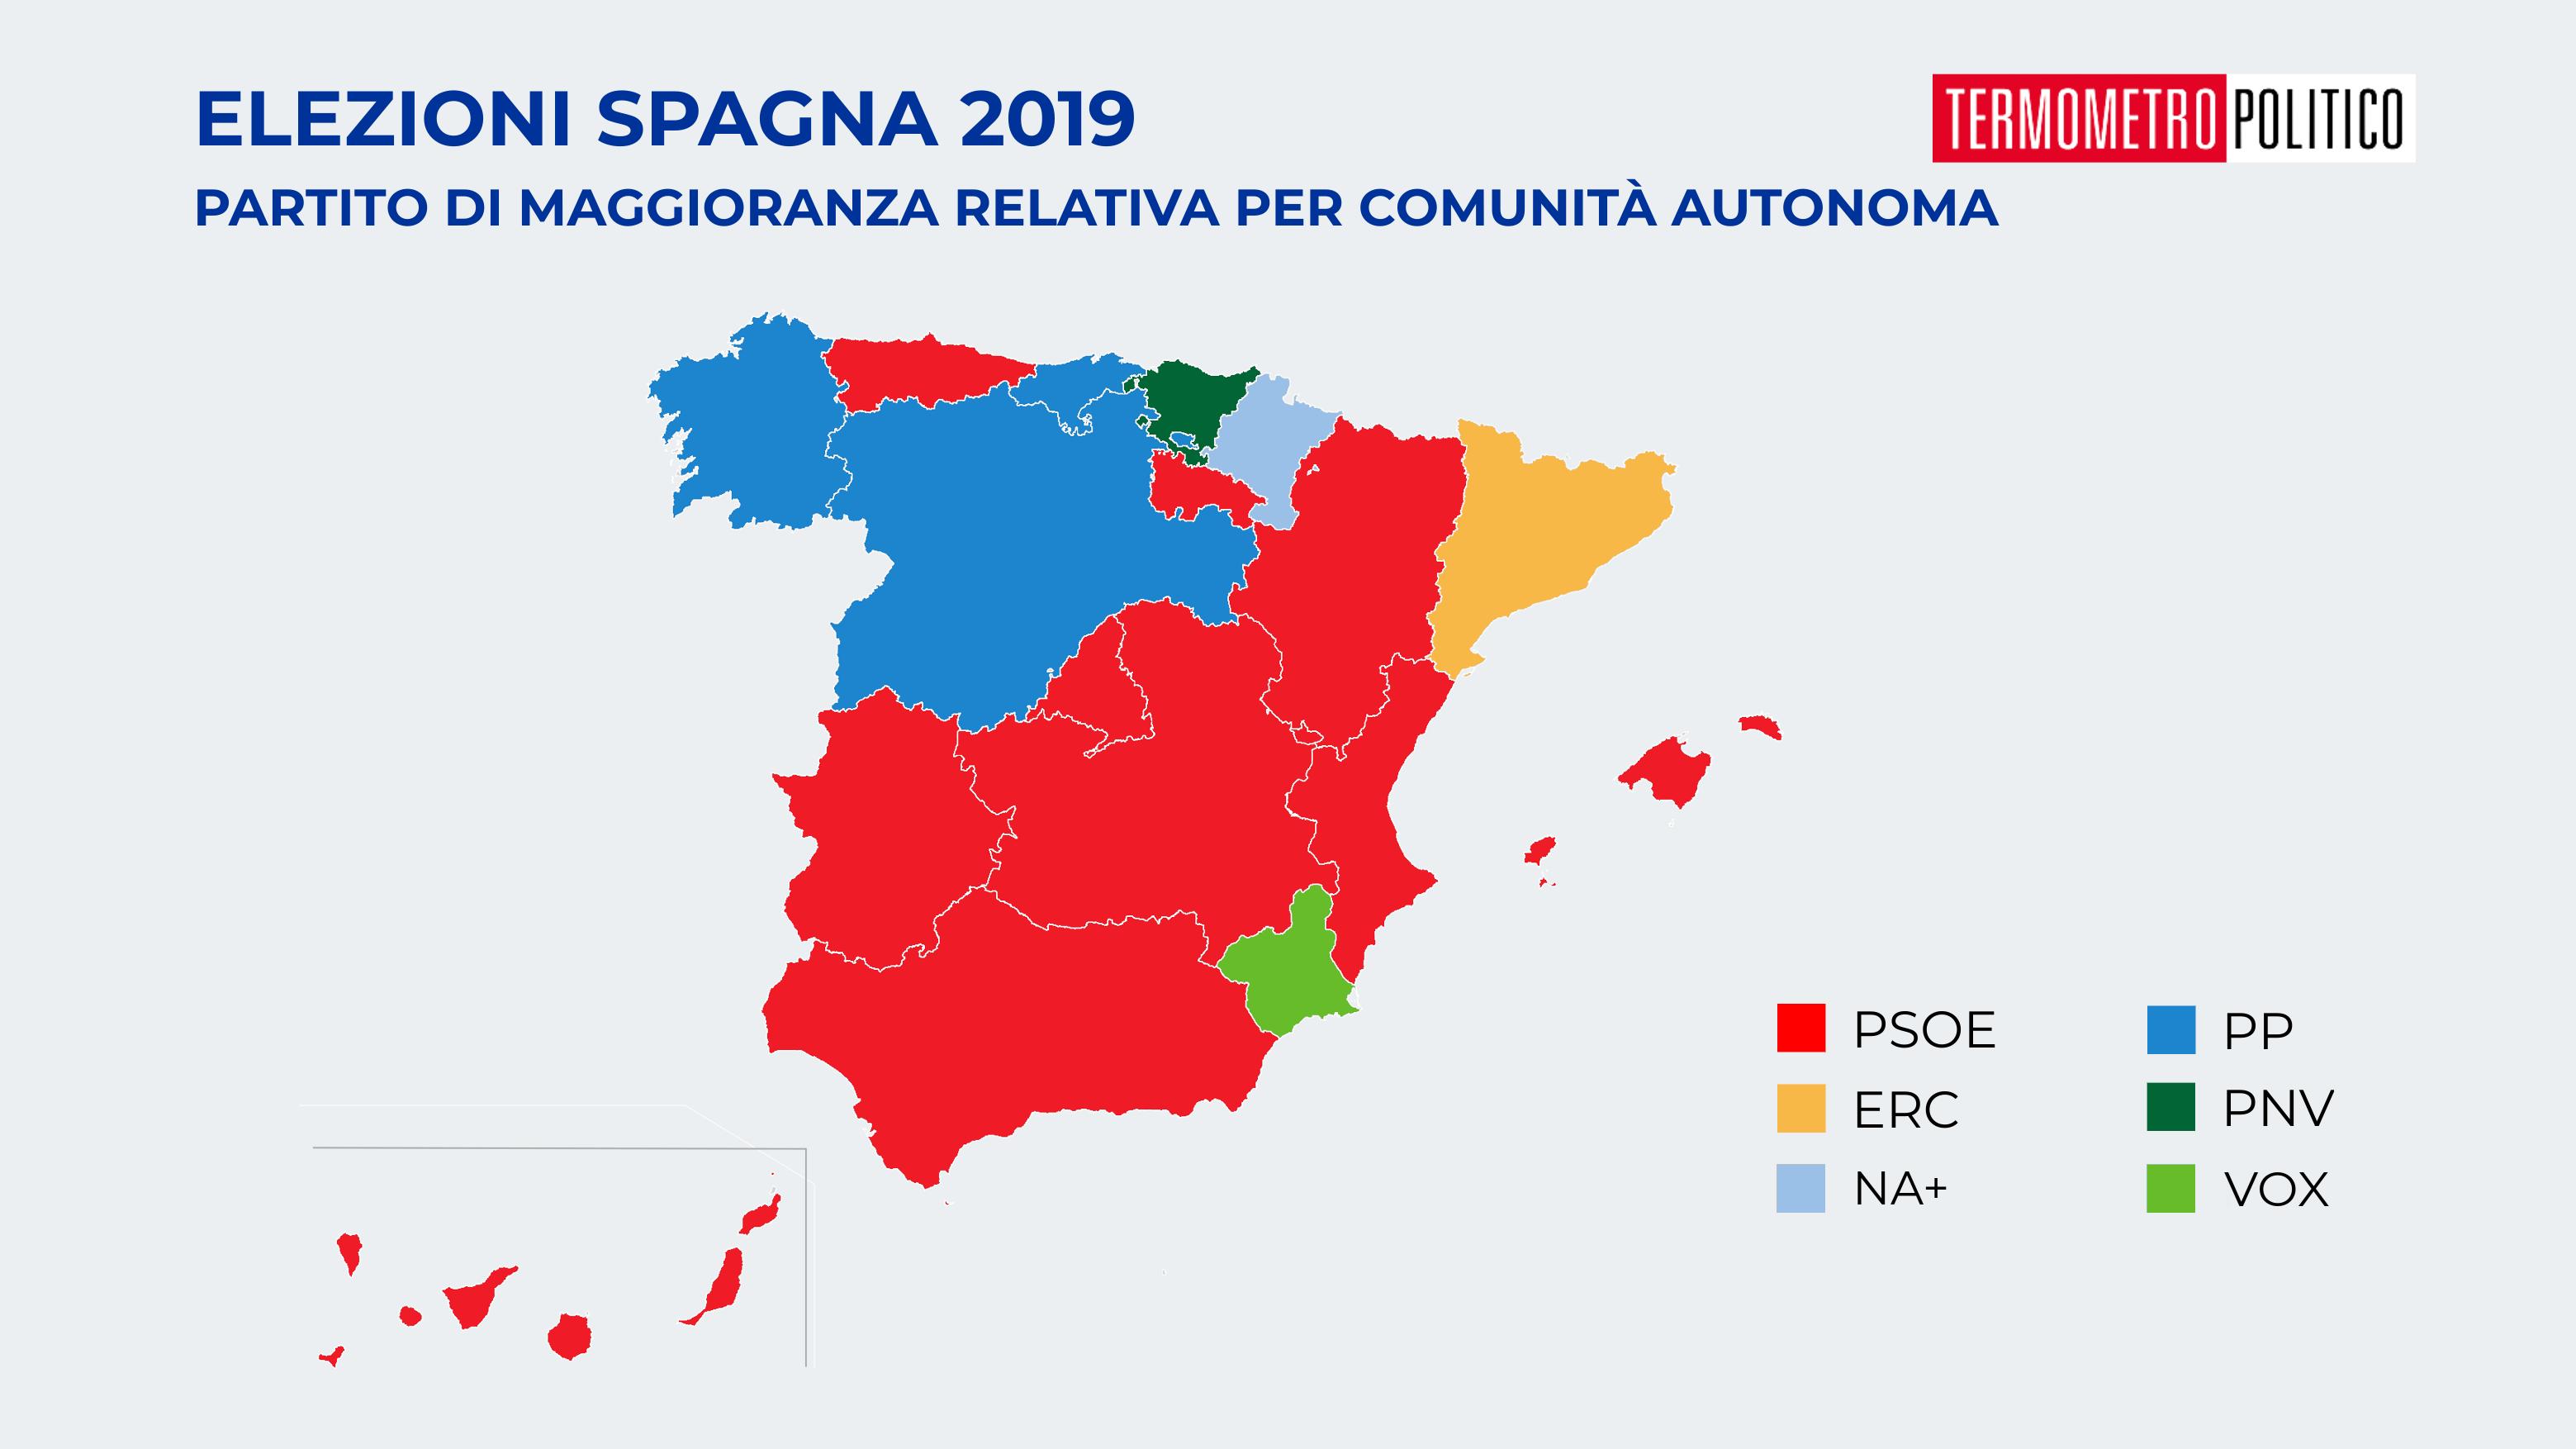 Elezioni Spagna, mappa risultati